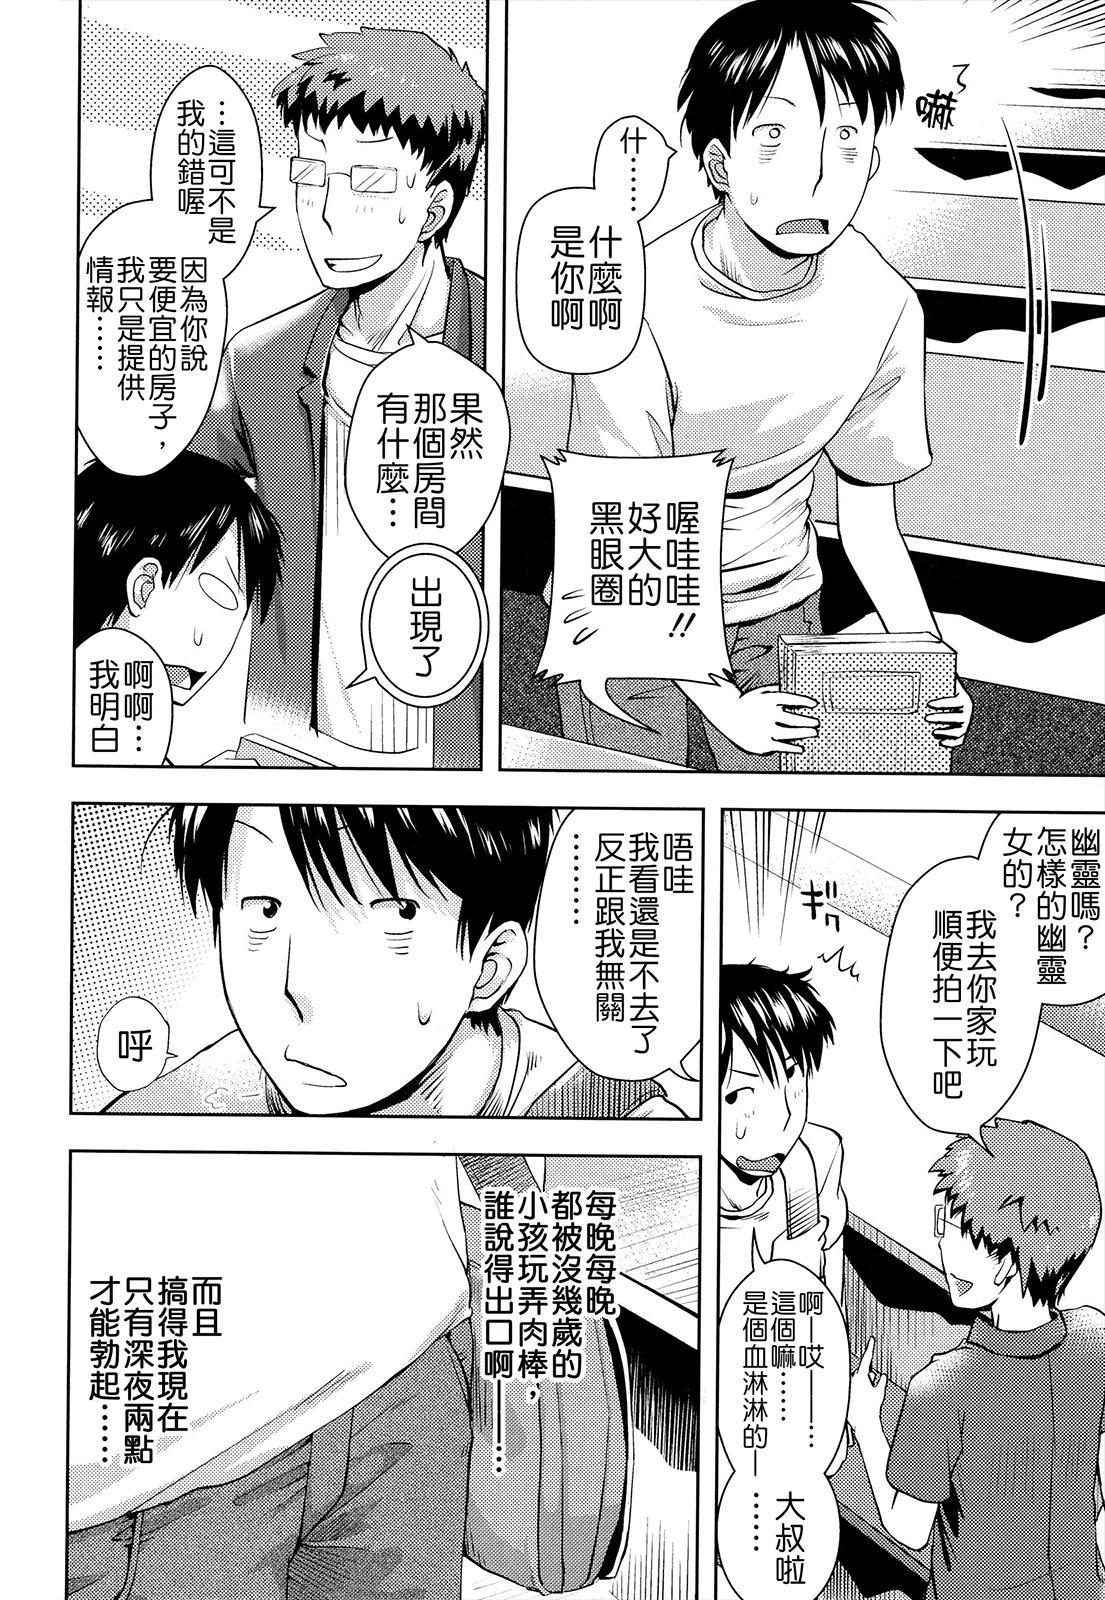 Oni-chan no Suki Ni Site!? 63